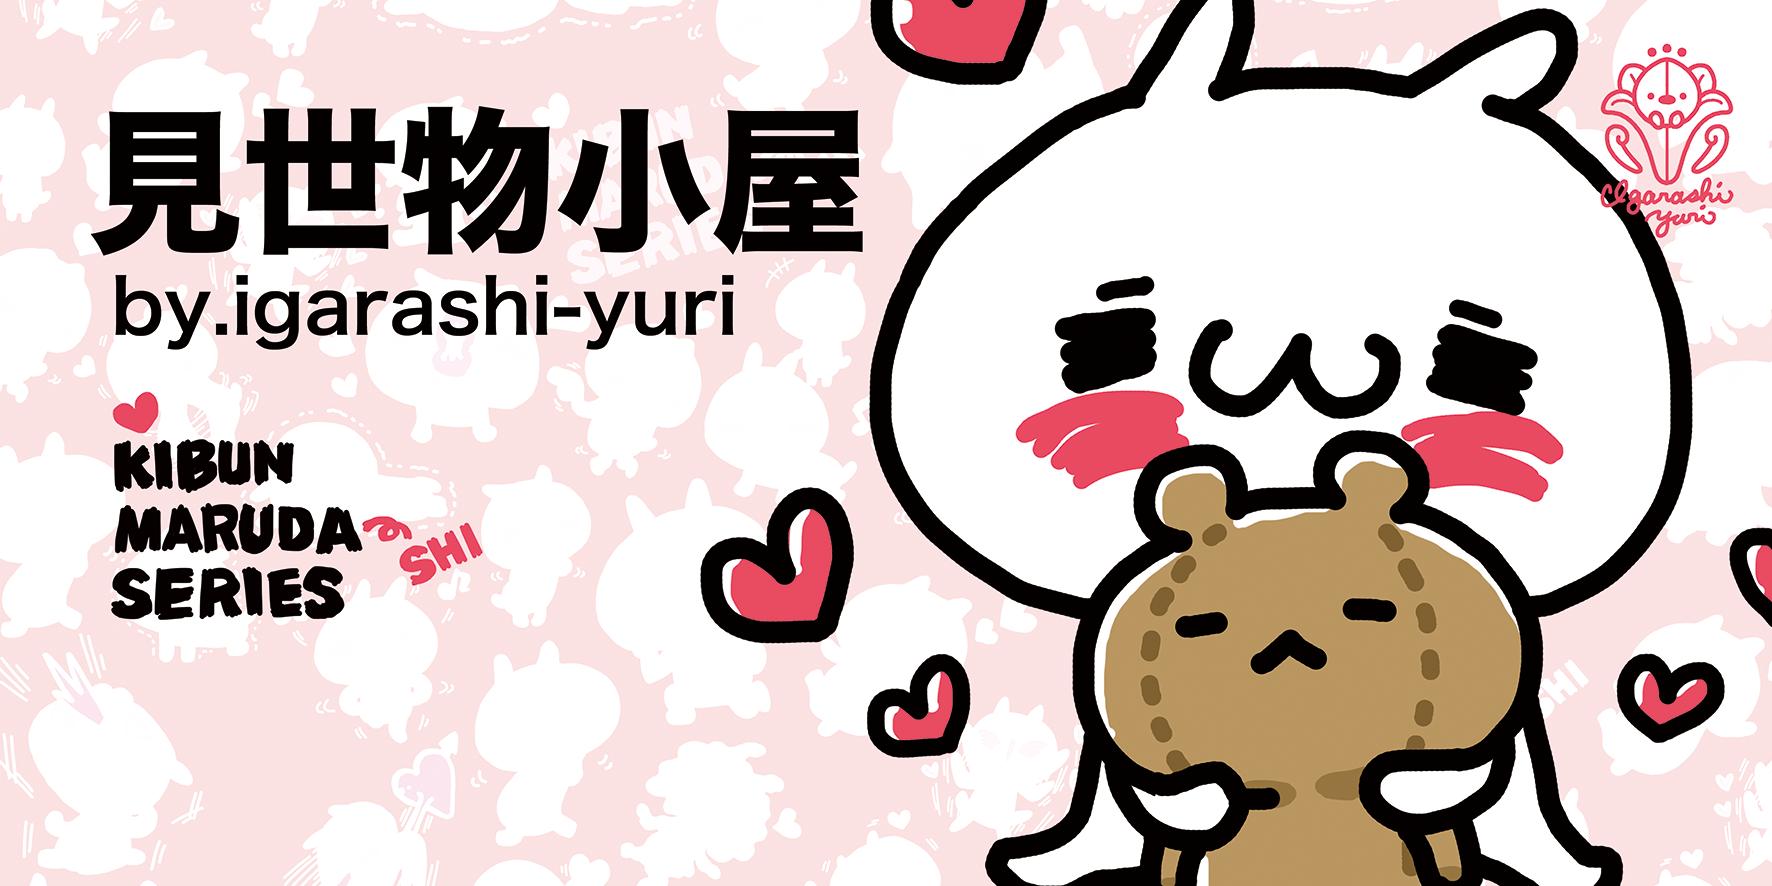 見世物小屋 by.igarashi-yuri